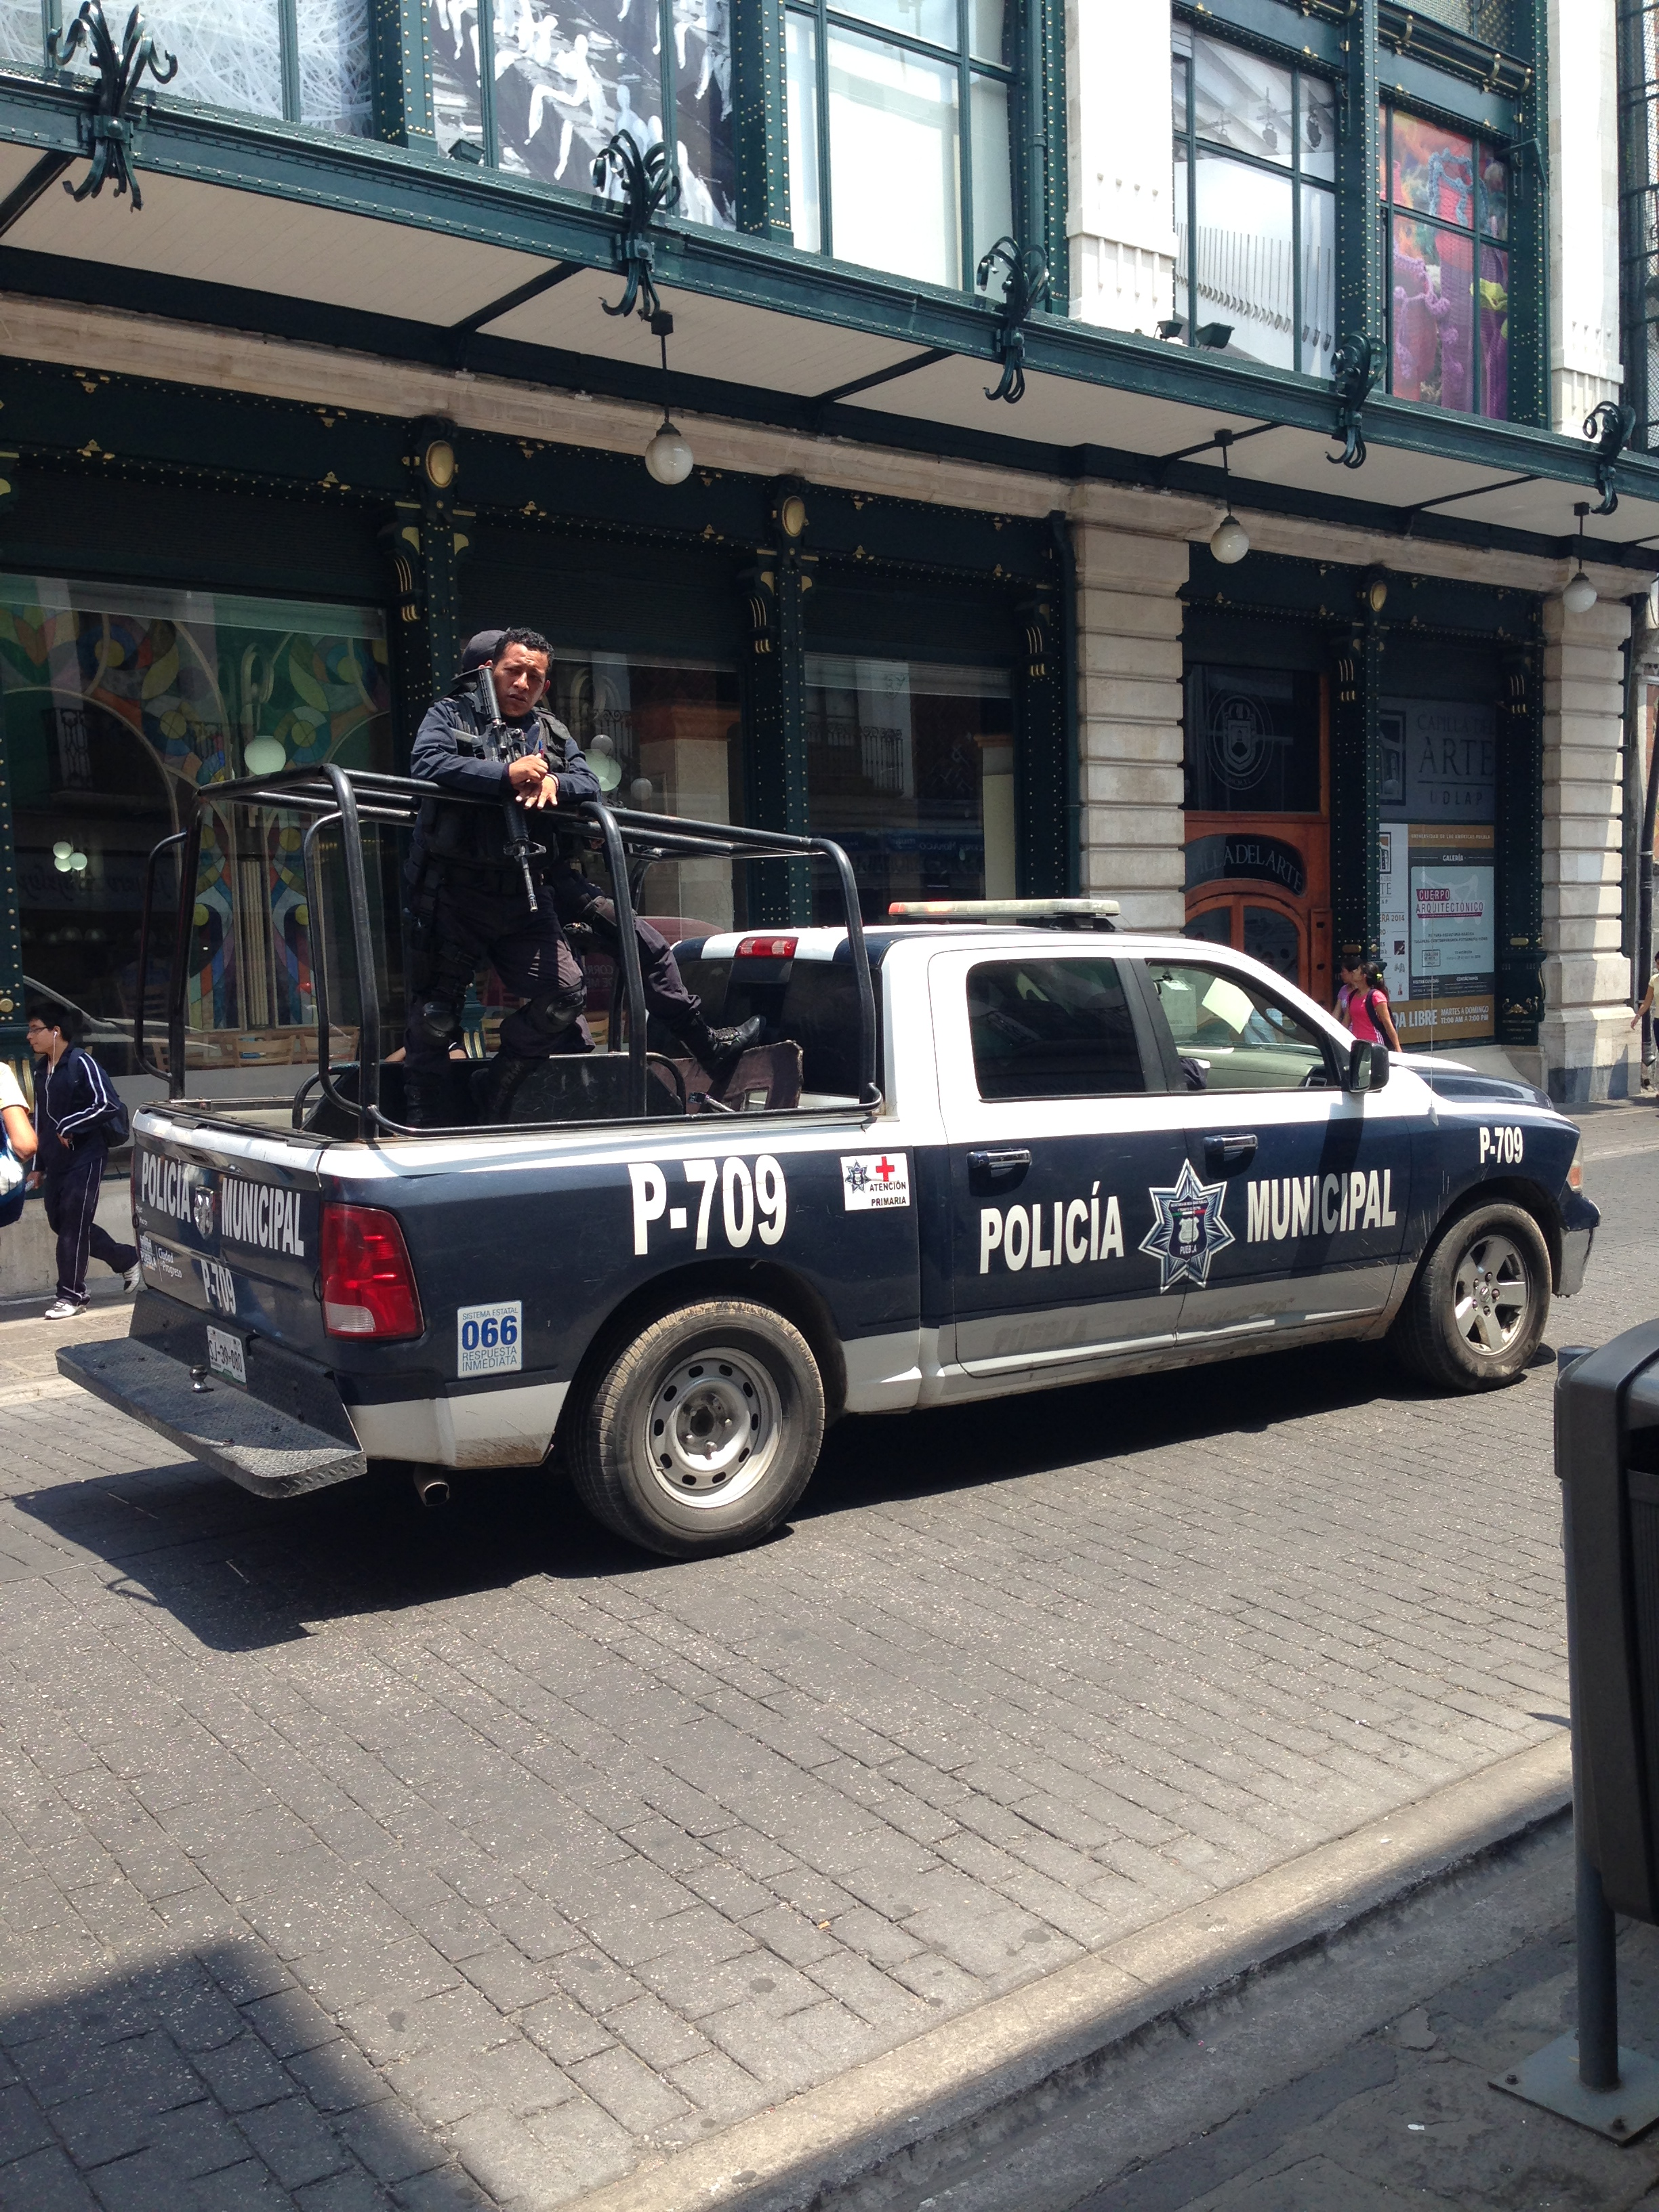 La Policía Municipal patrullando Puebla